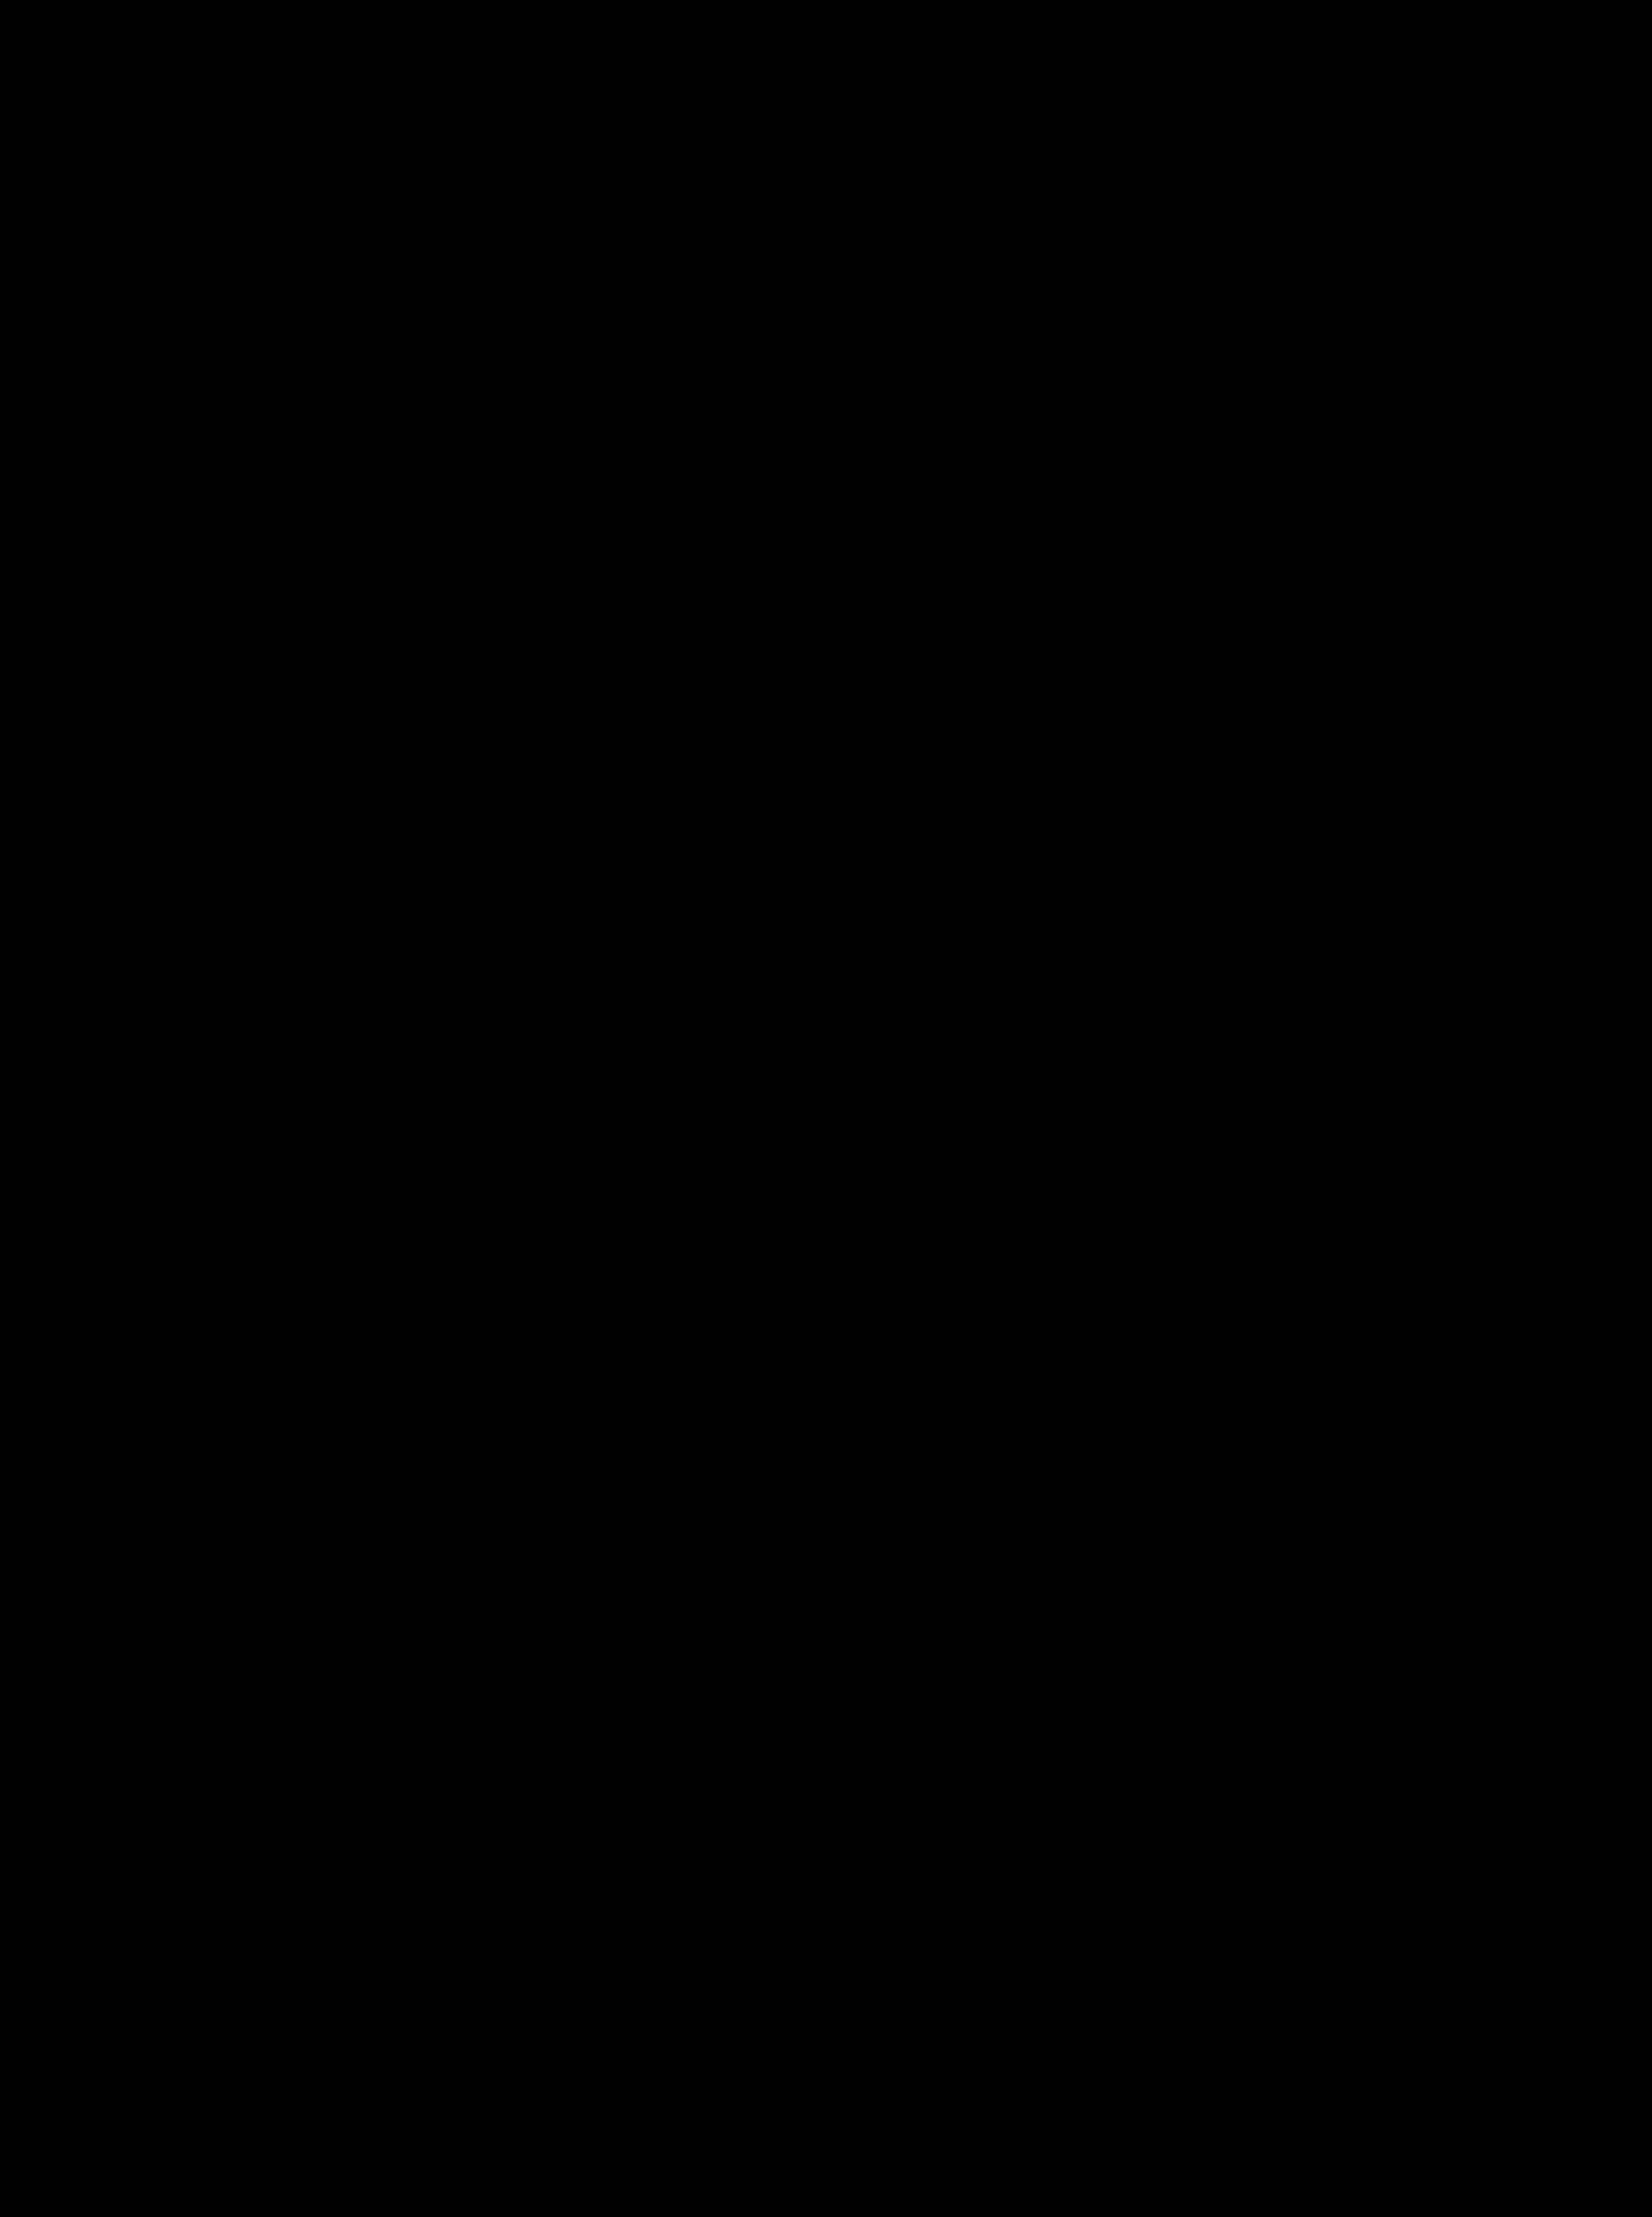 Portrait de ville de Singapour